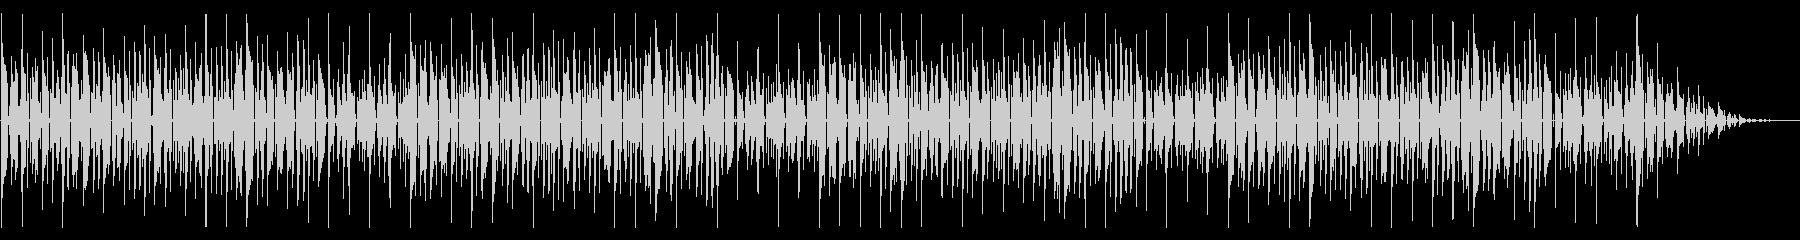 童謡「ちょうちょ」脱力系アレンジの未再生の波形